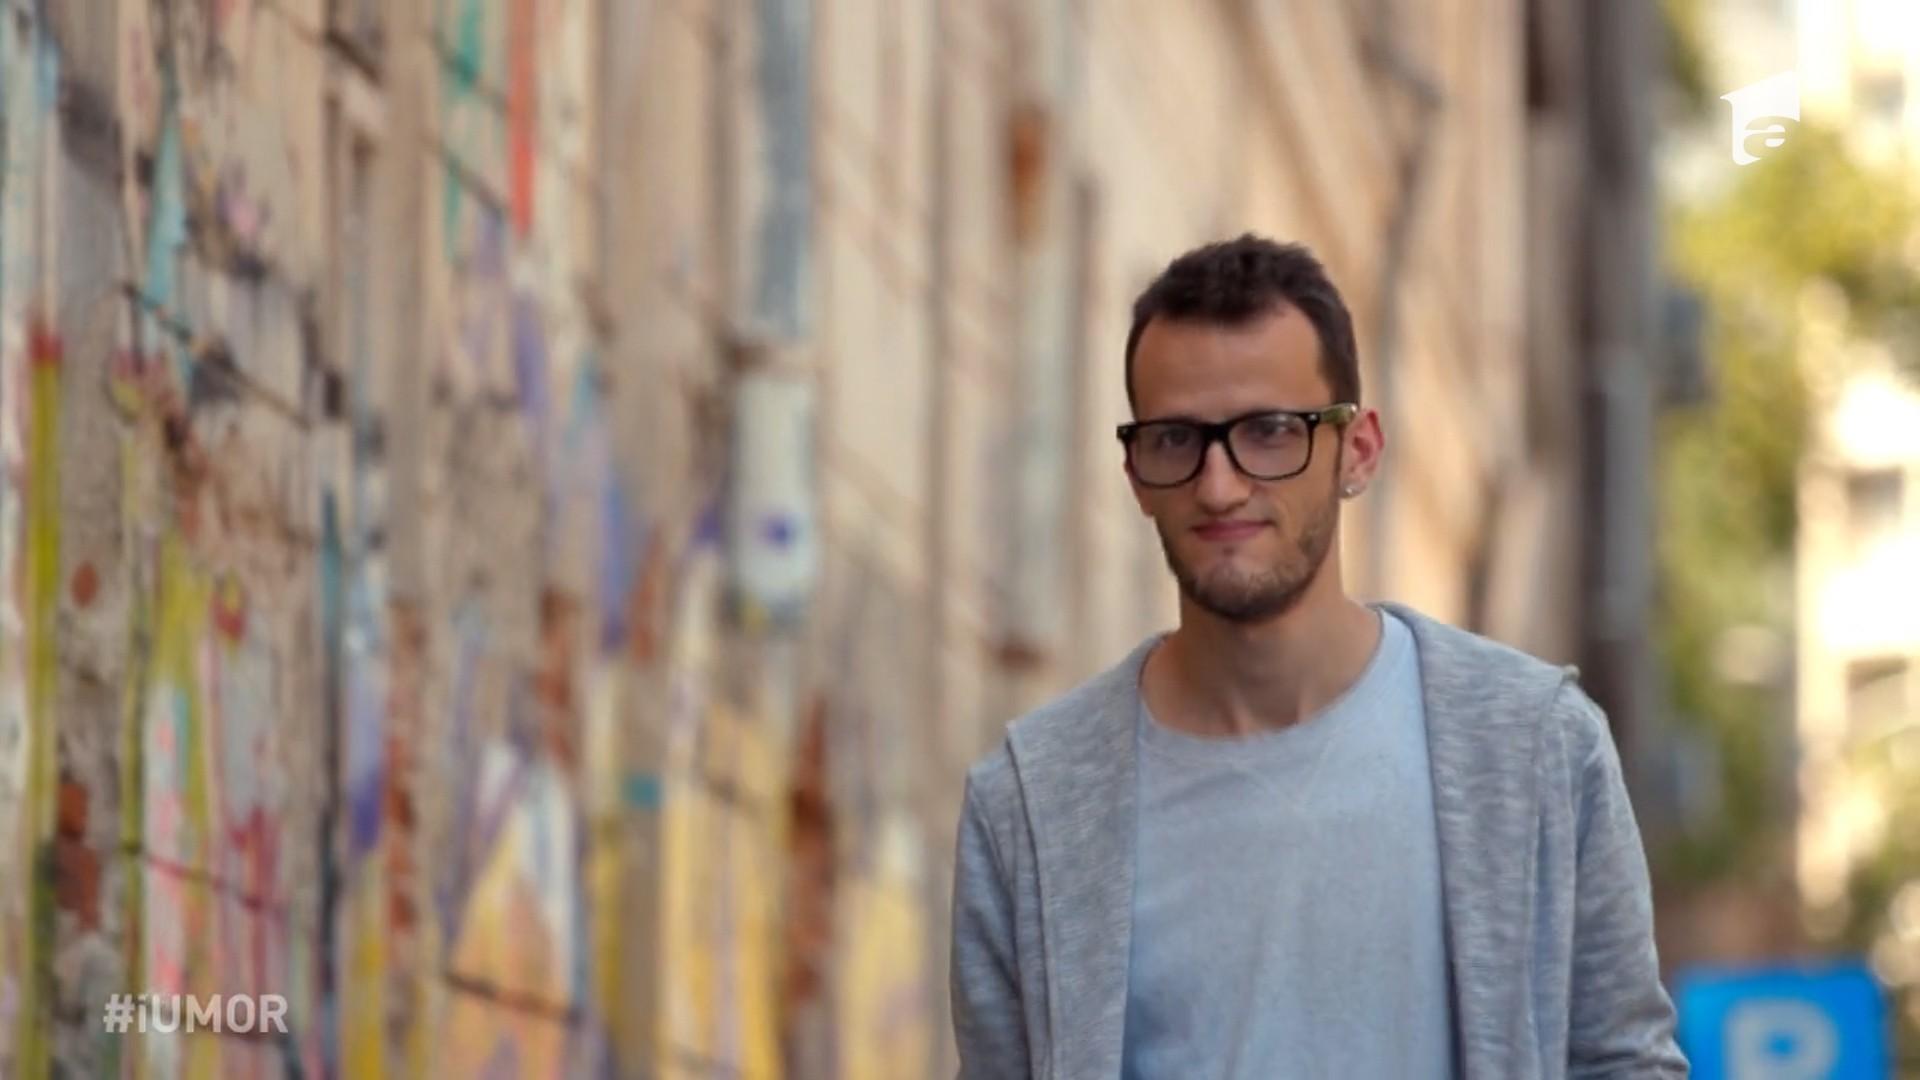 Povestea câştigătorului de la iUmor: Andrei Ungureanu aka Omul cu Tourette